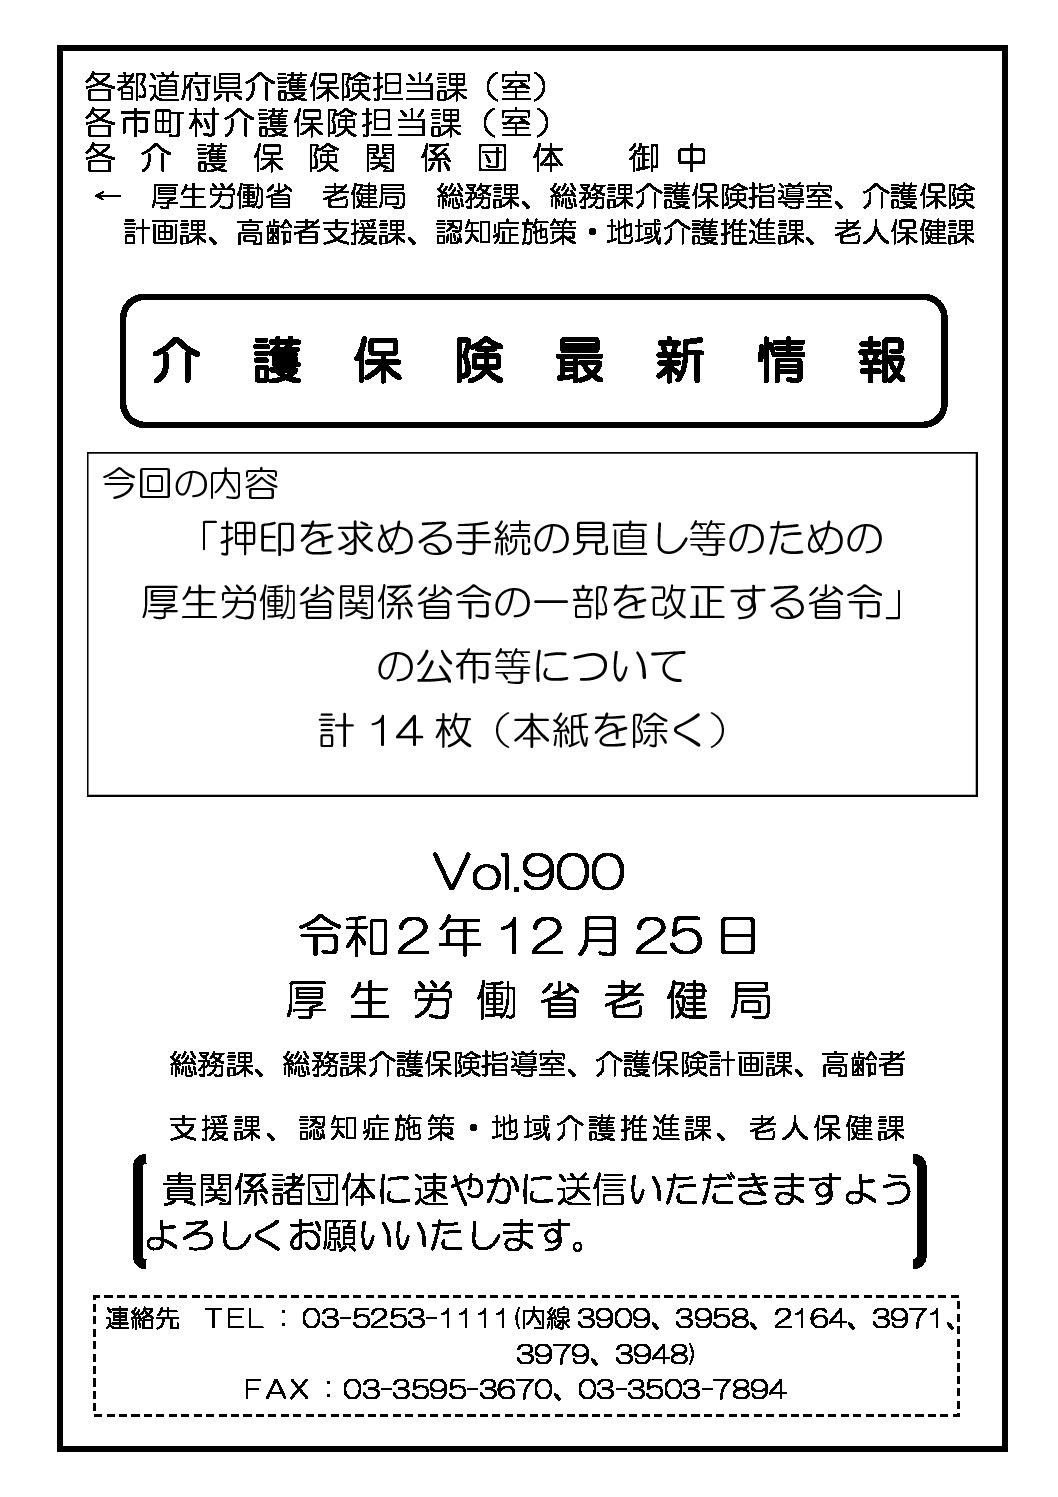 201225_kourou_tsuchi_ksvol.900